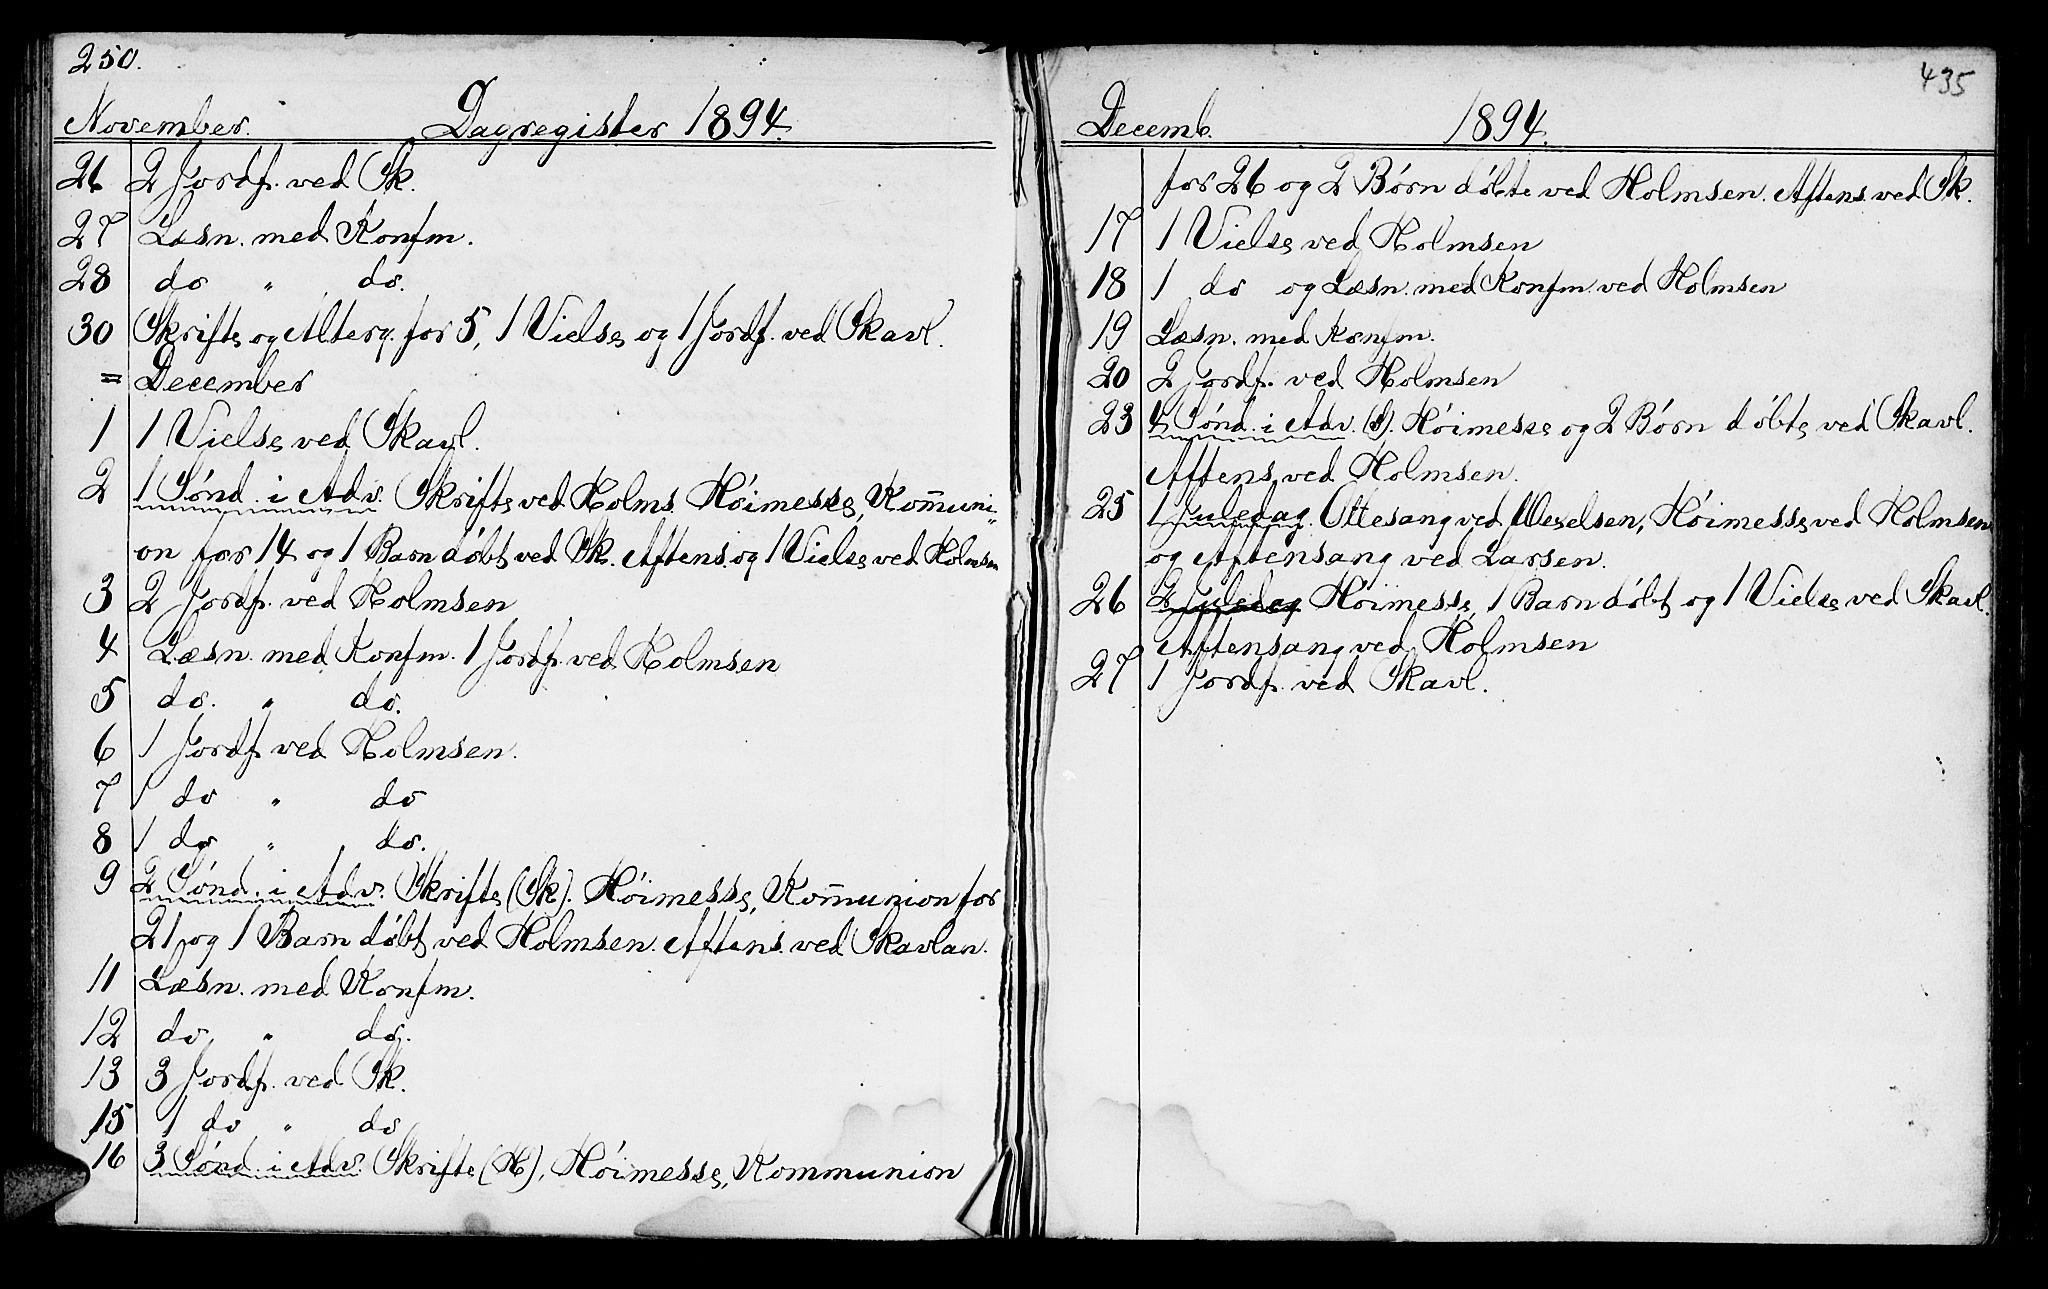 SAT, Ministerialprotokoller, klokkerbøker og fødselsregistre - Sør-Trøndelag, 602/L0140: Klokkerbok nr. 602C08, 1864-1872, s. 434-435